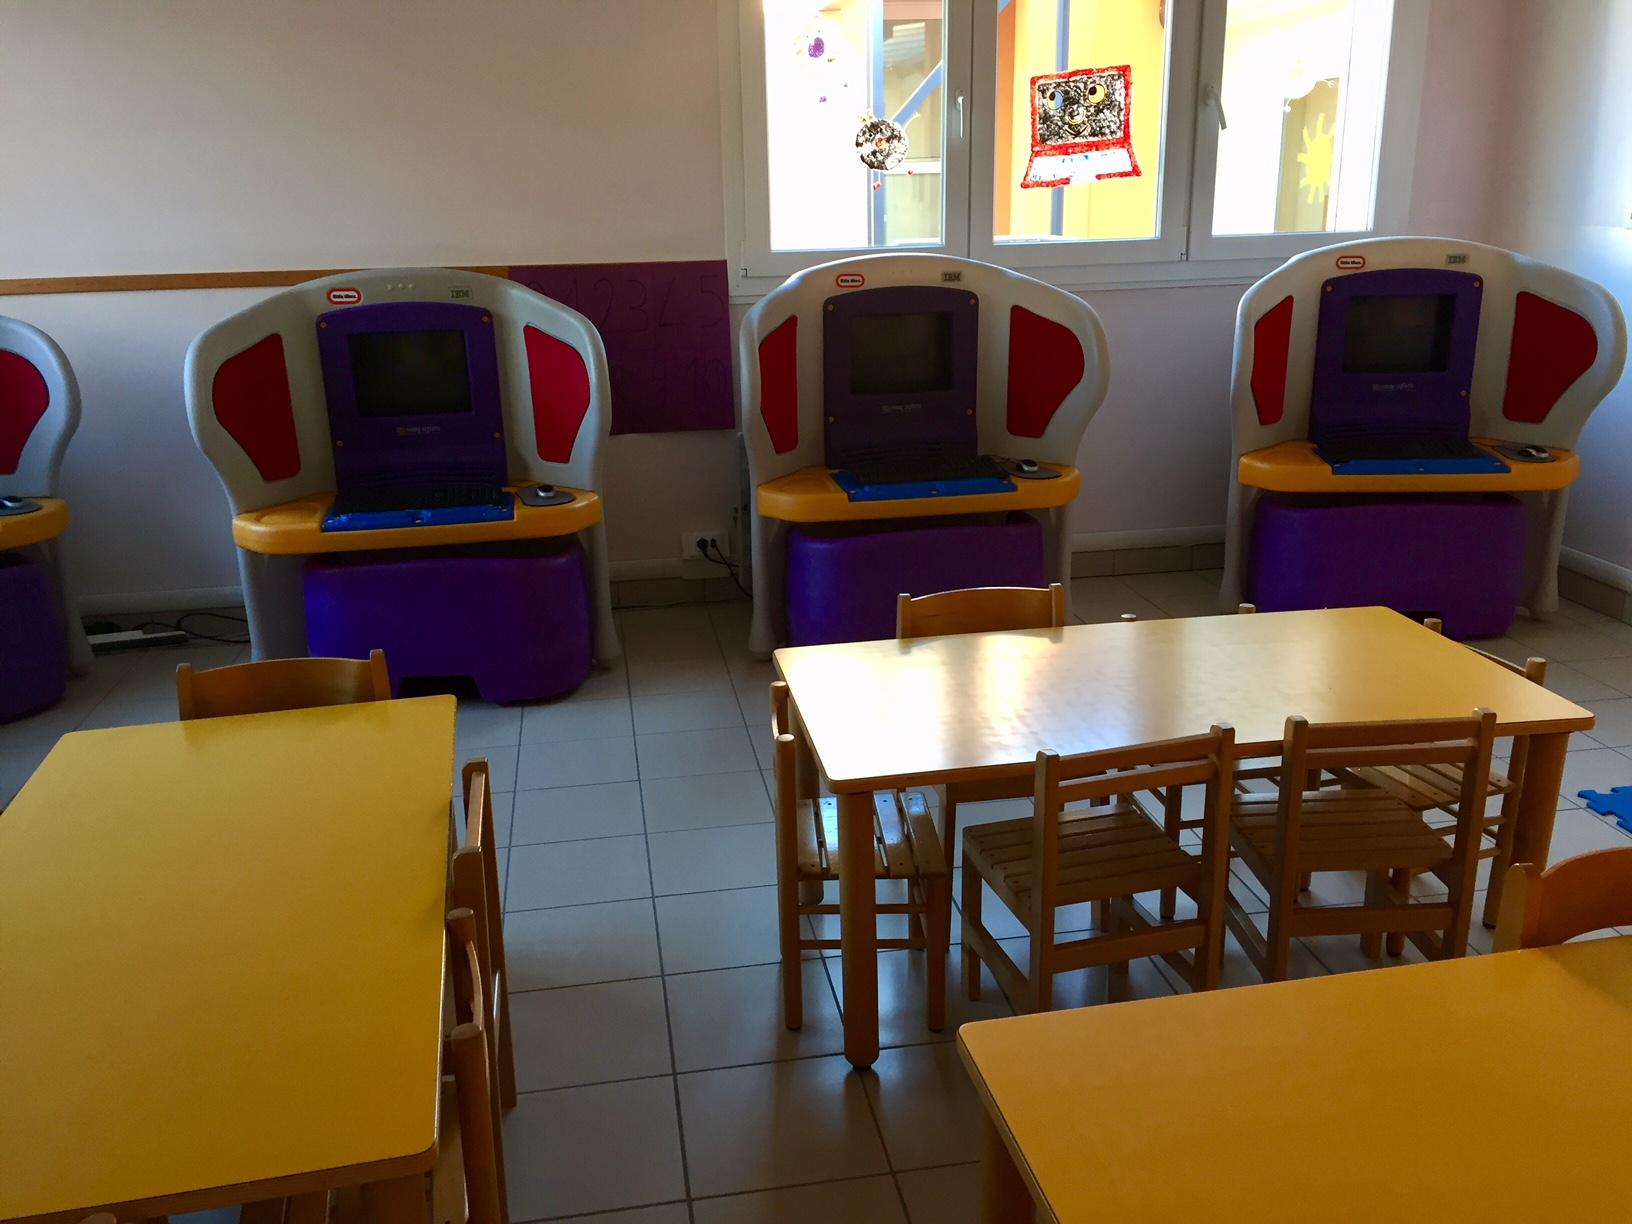 Il laboratorio informatico della Scuola dell'Infanzia Prospero Alpino di Marostica